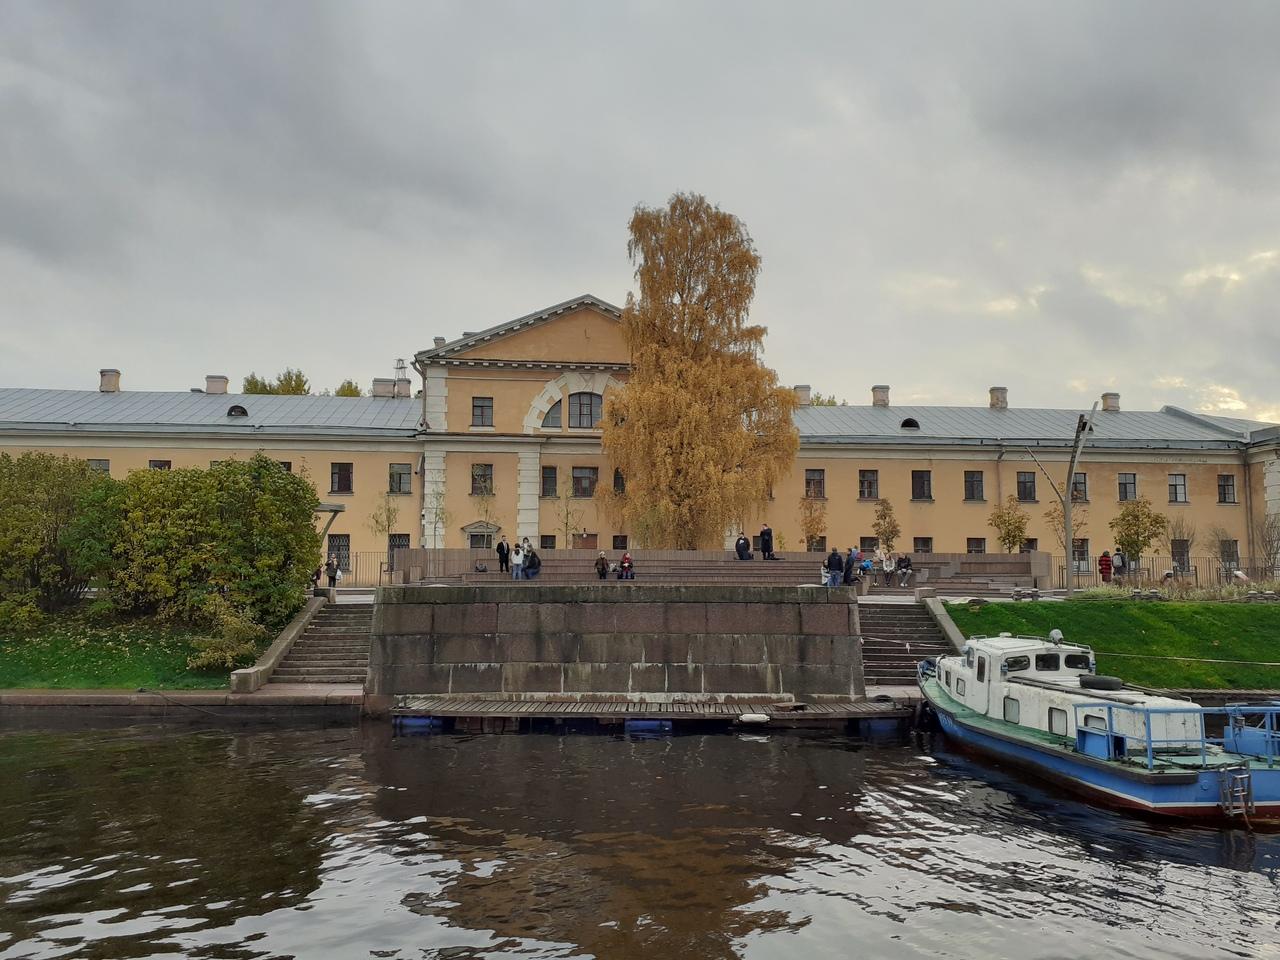 Прогулки по Петербургу. Петроградская сторона. Новая парковая зона на реке Карповке